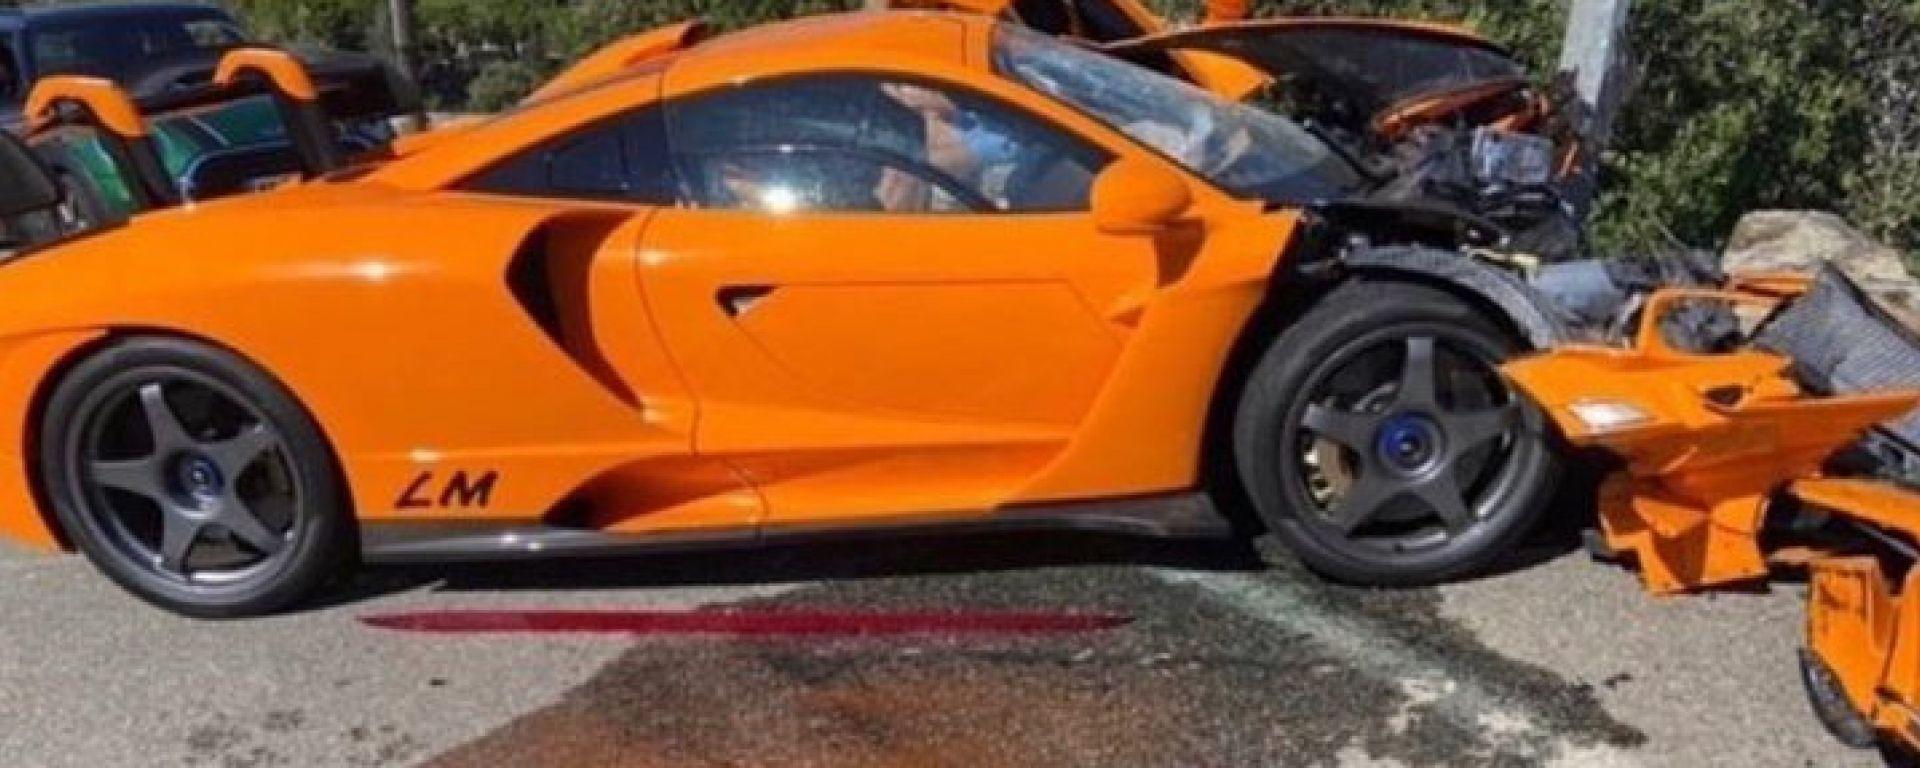 Incidente per l'ex pilota di Formula 1 Adrian Sutil